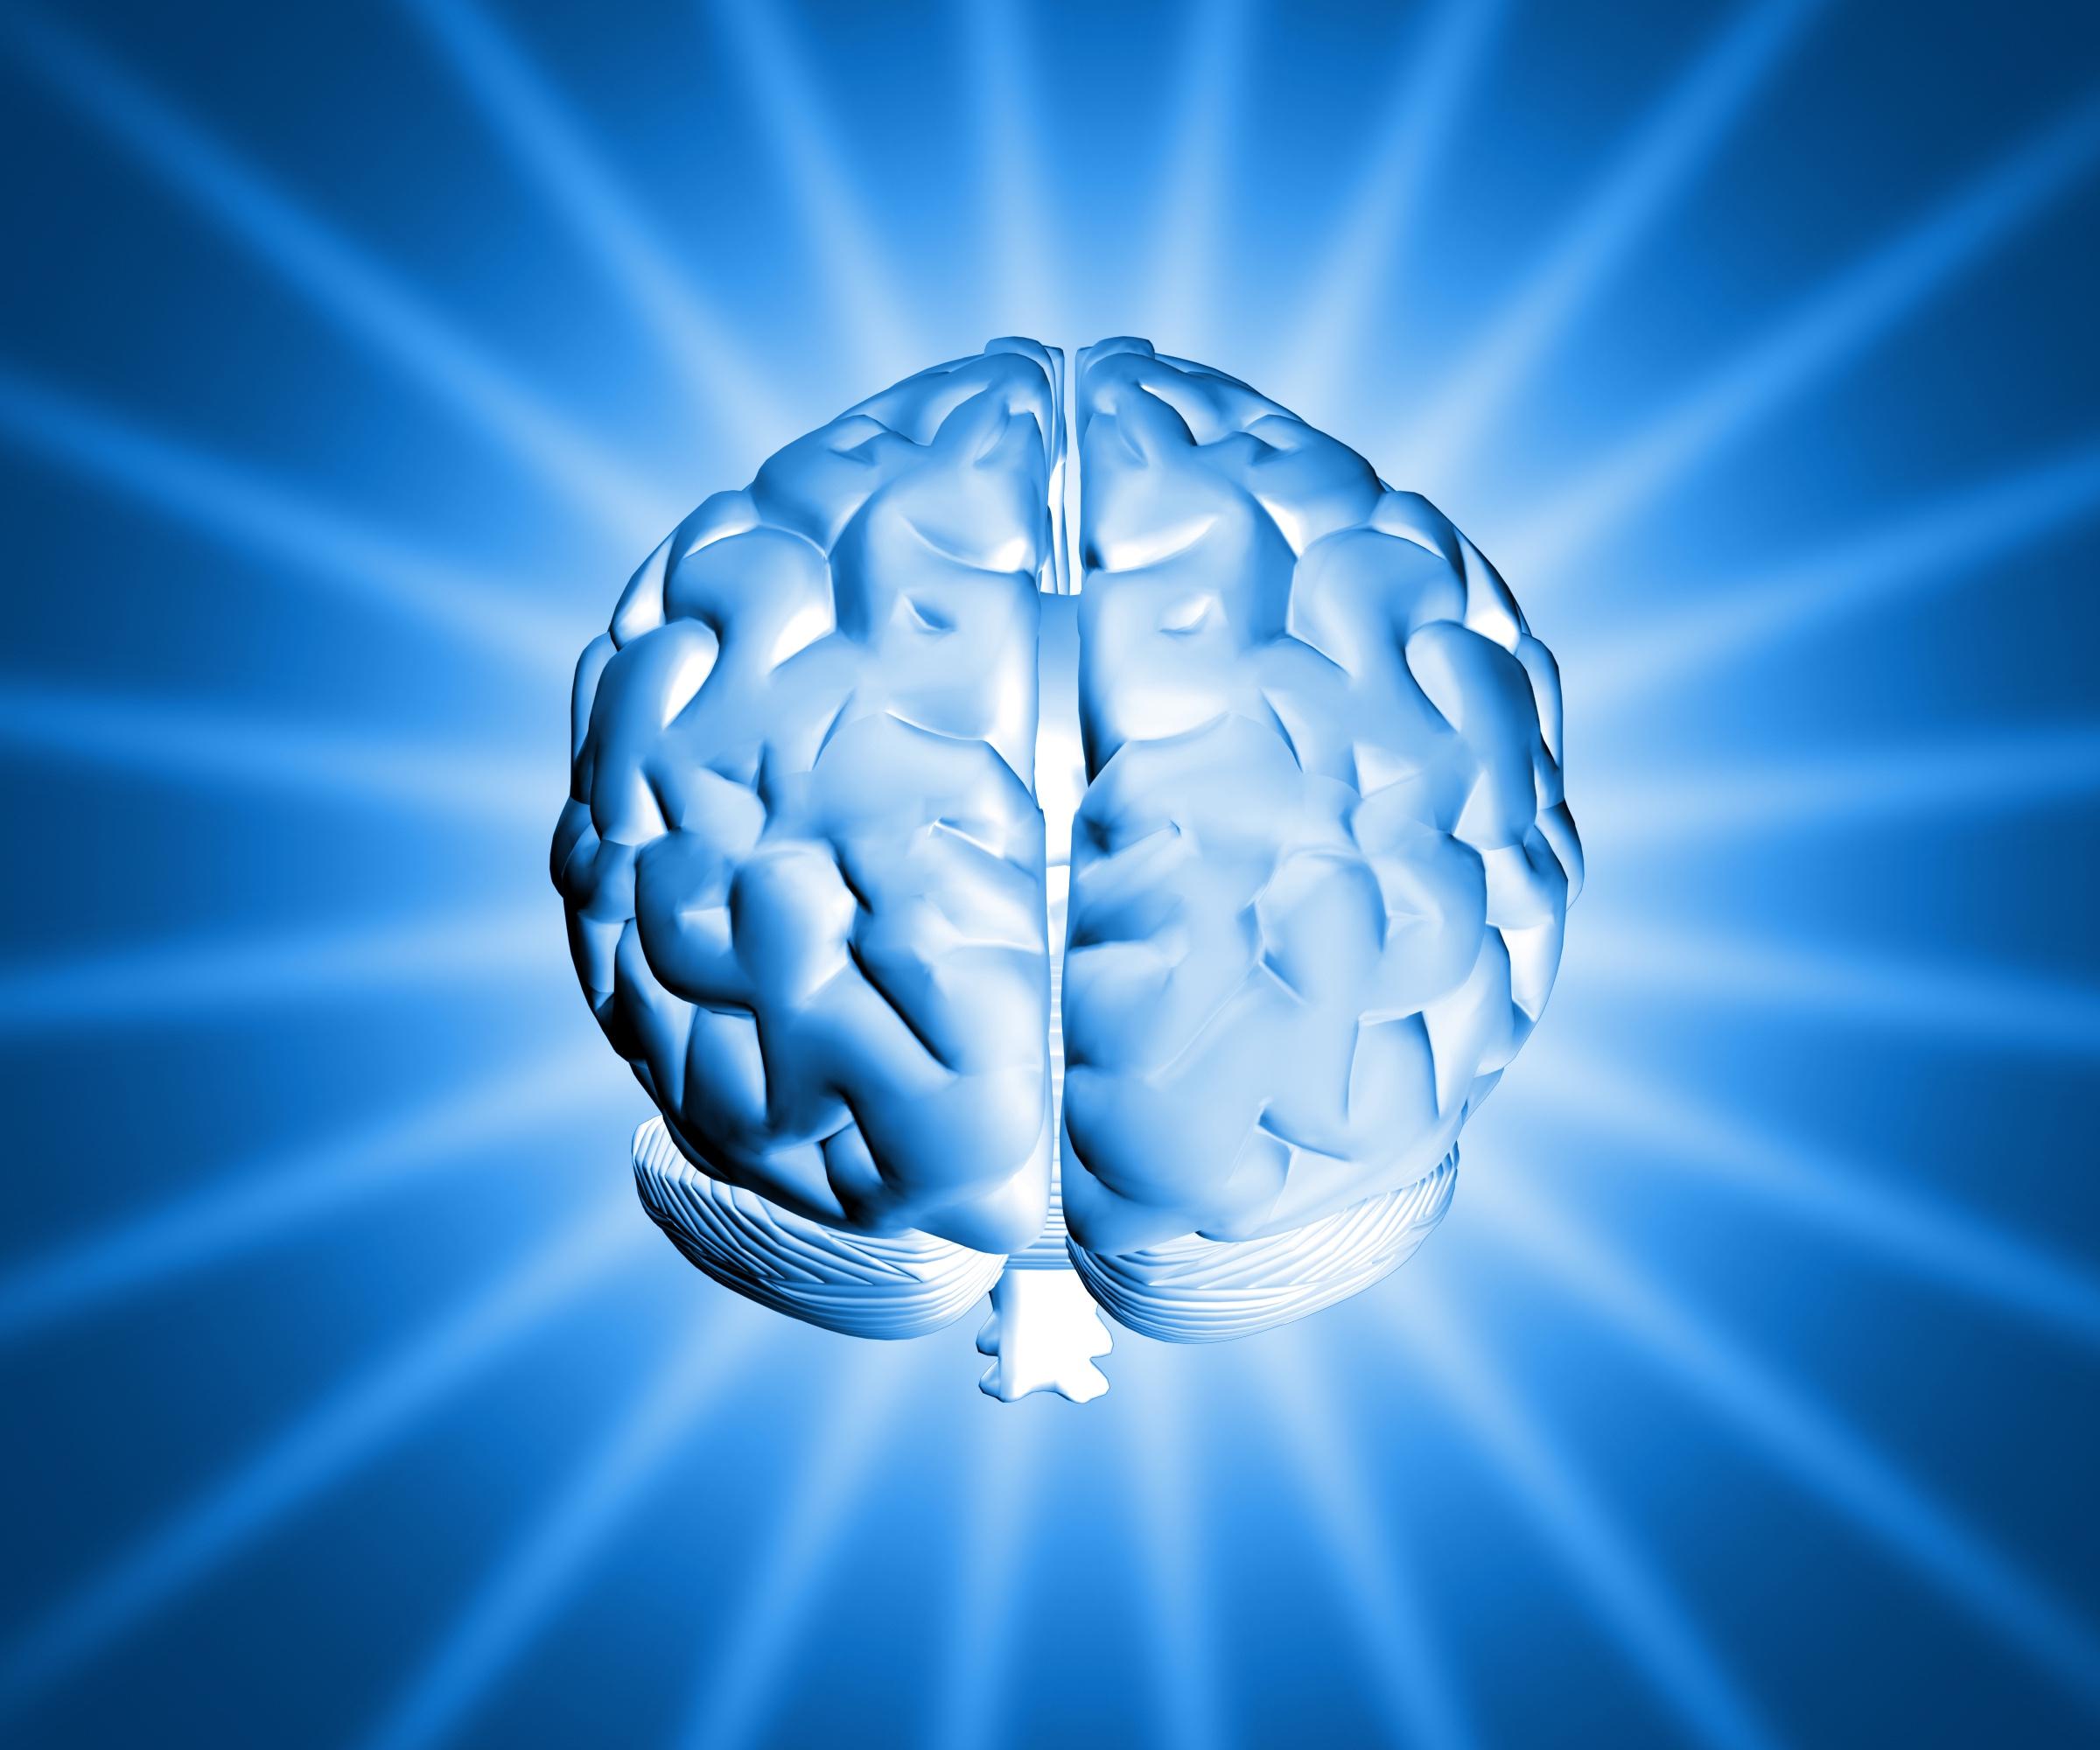 shiny-brain-1150907-1